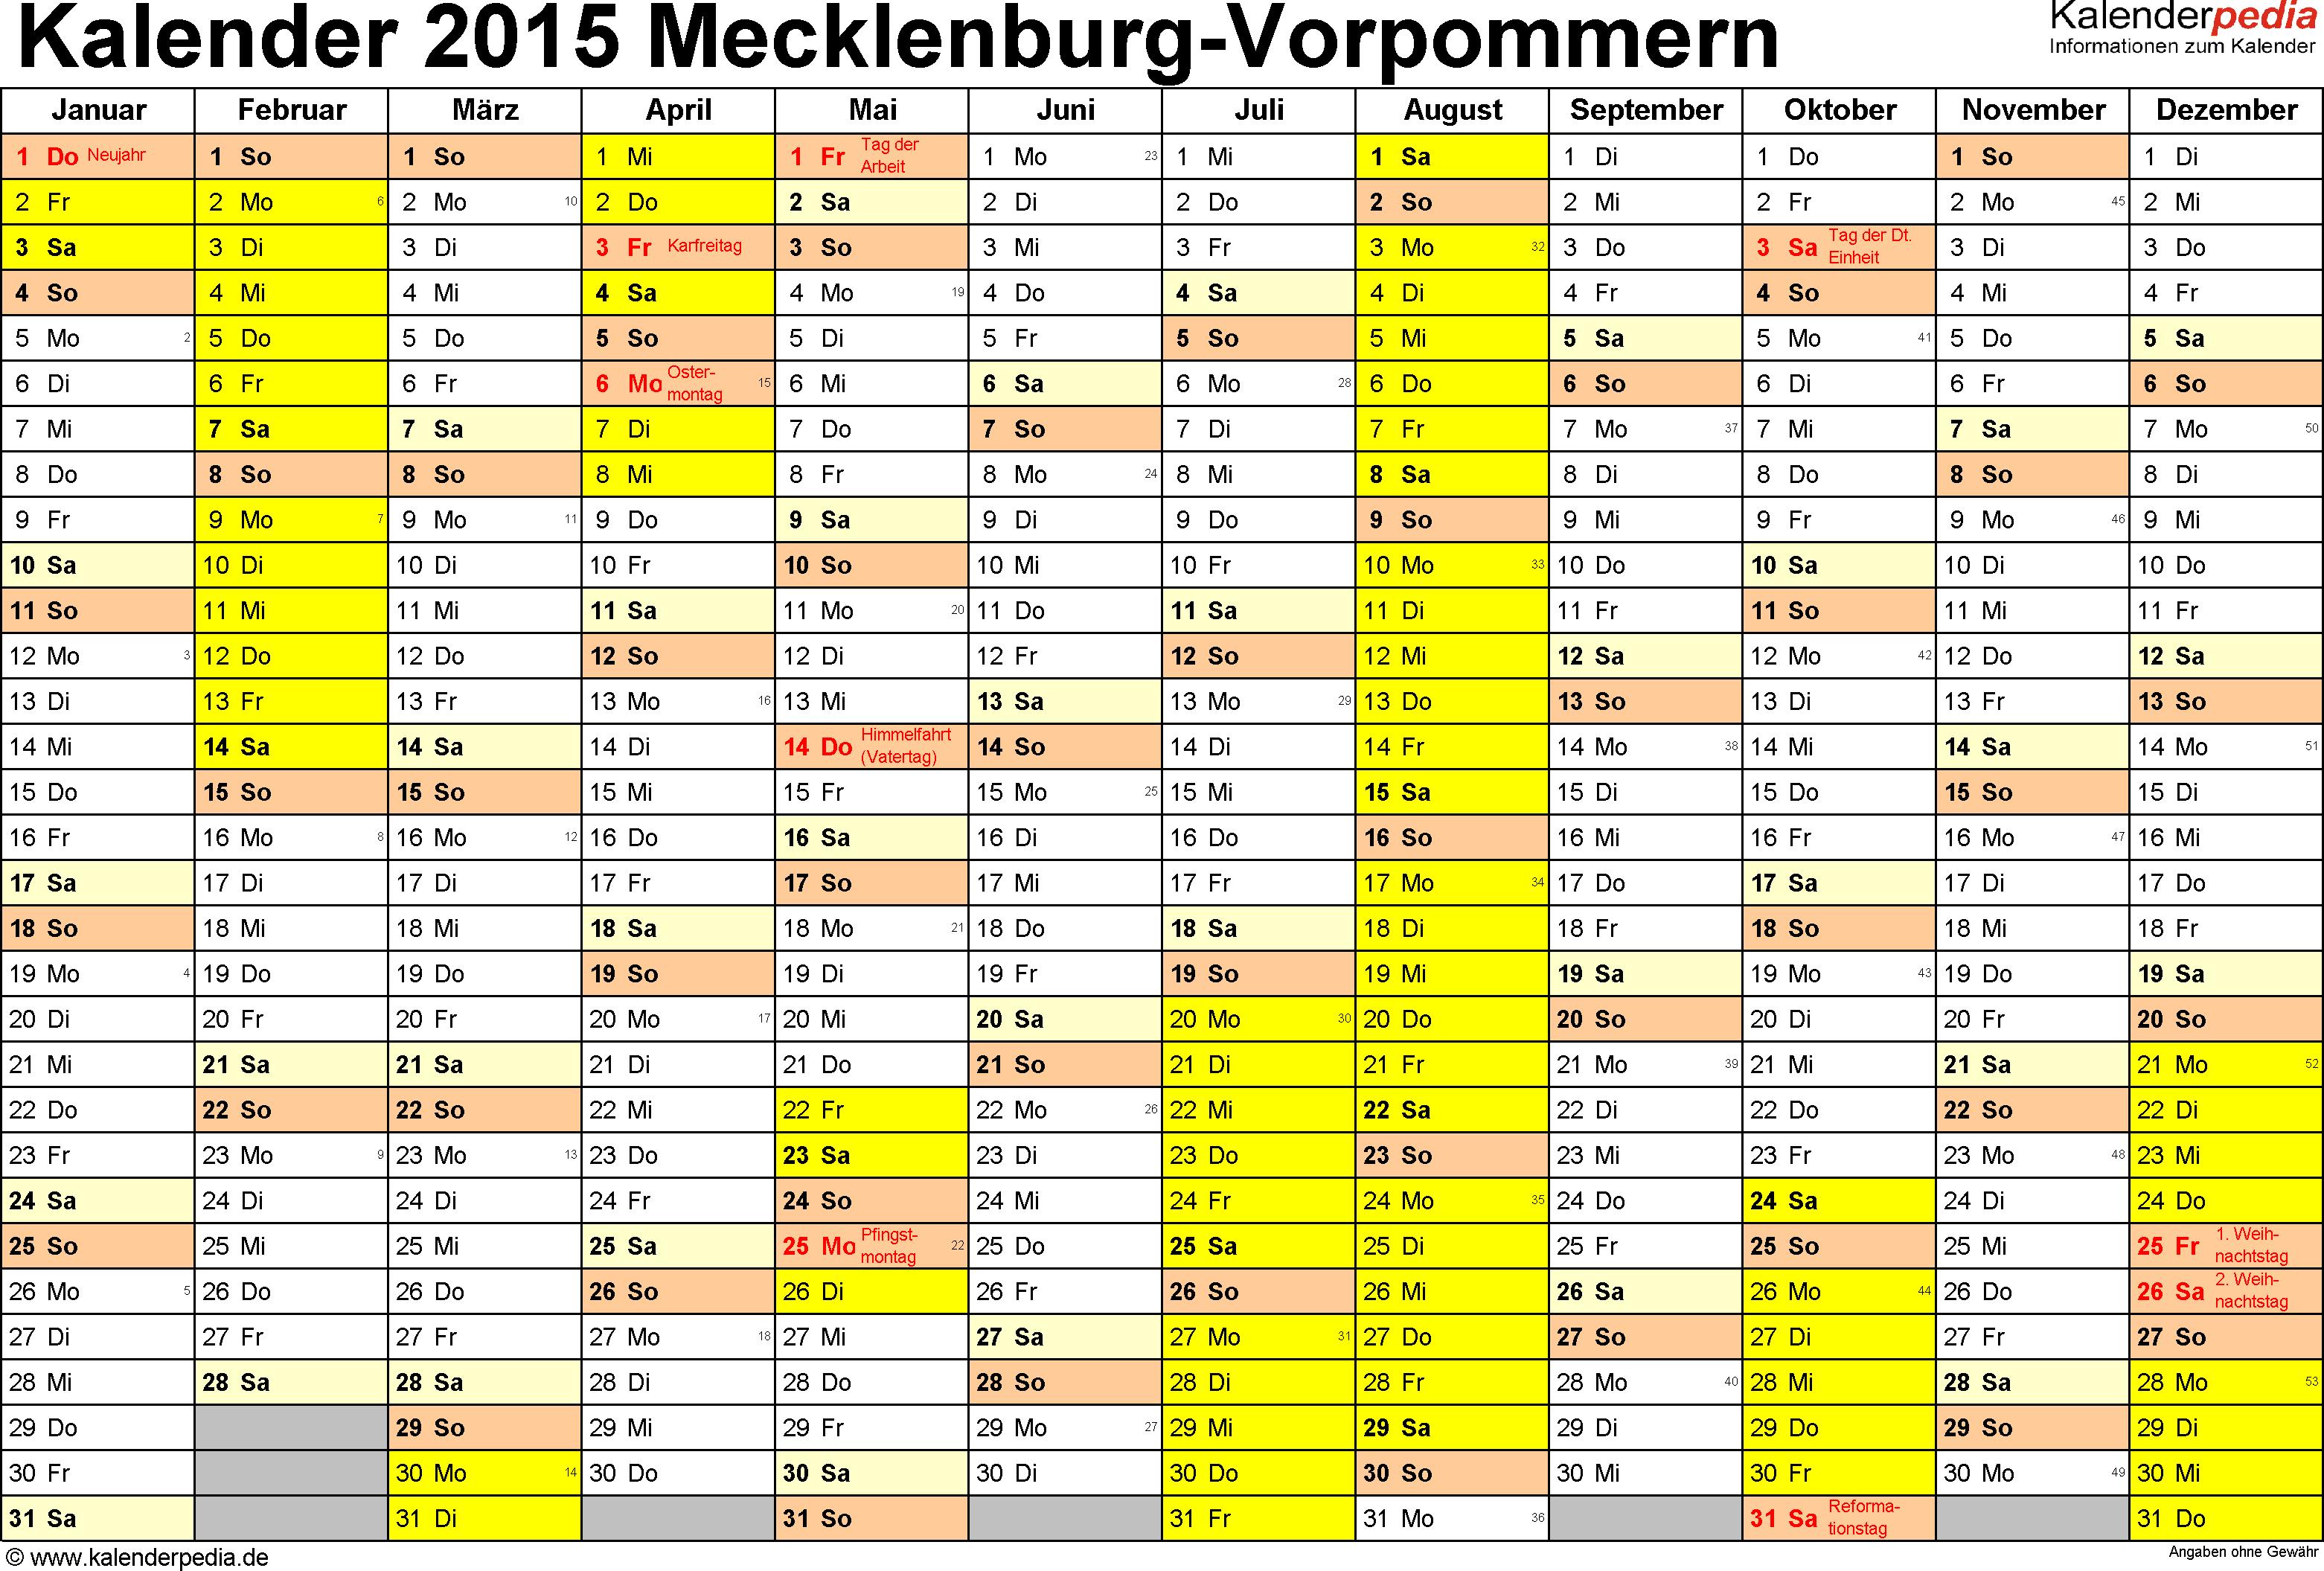 Vorlage 1: Kalender 2015 für Mecklenburg-Vorpommern als Word-Vorlage (Querformat, 1 Seite)